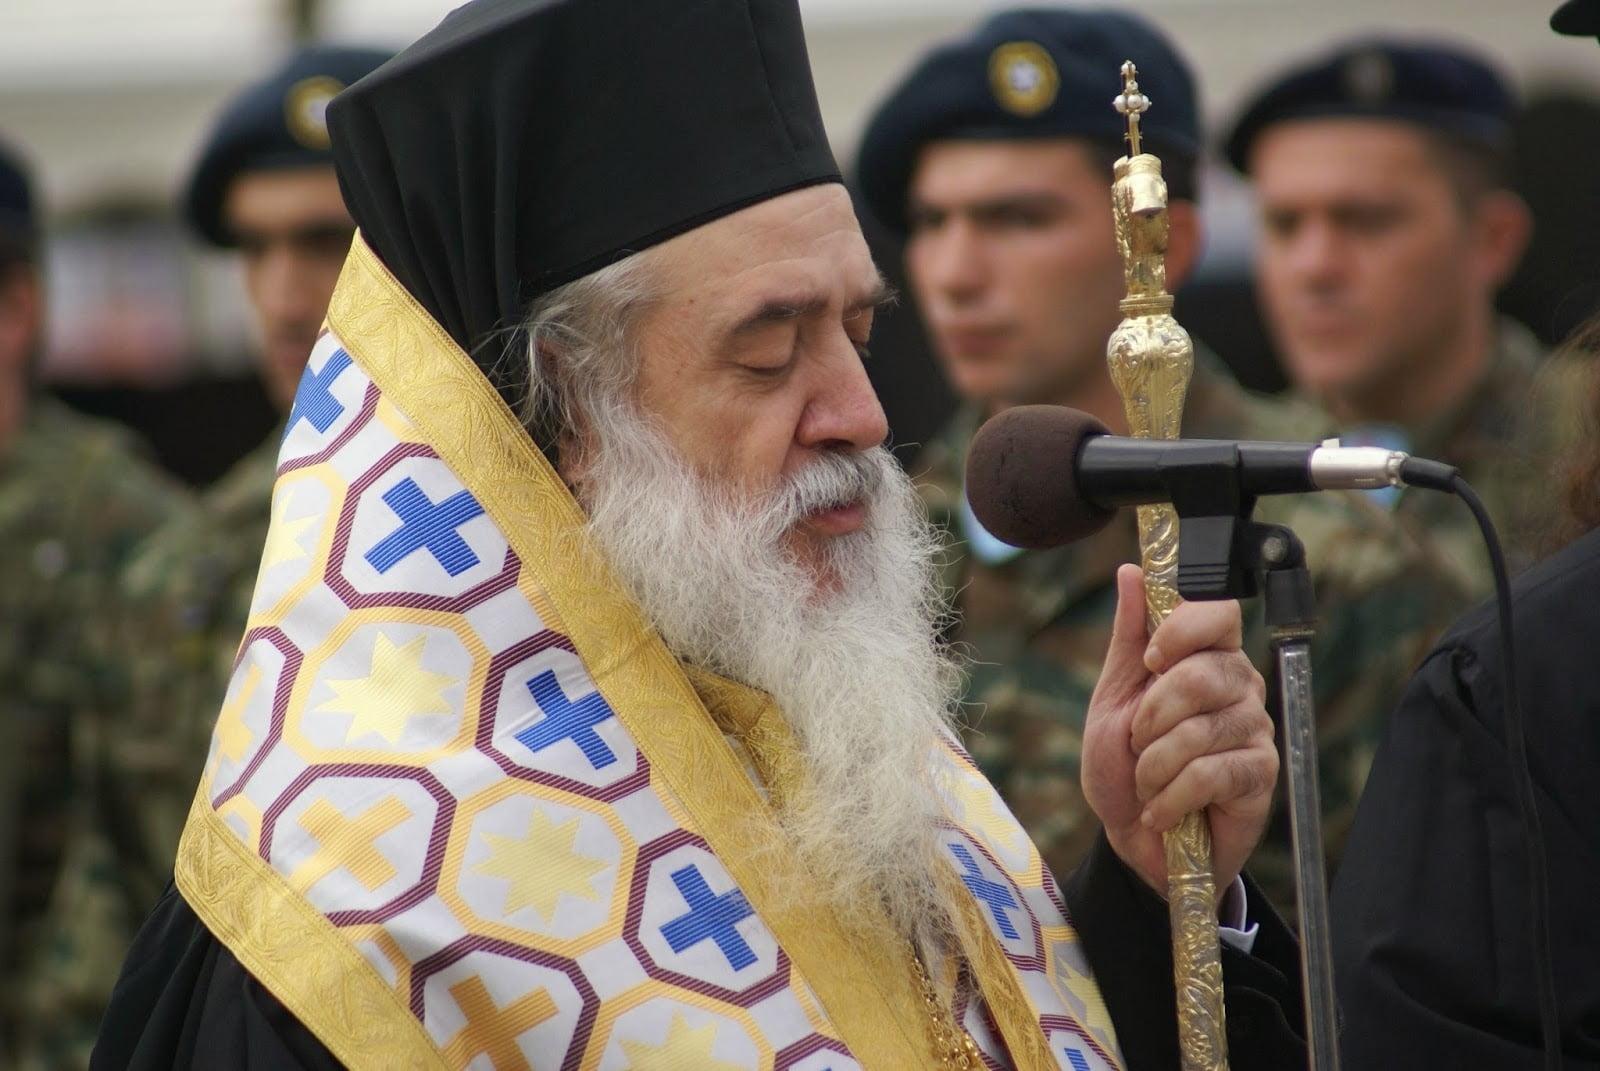 Ευαρέσκεια της Ιεράς Συνόδου της Εκκλησίας της Ελλάδας για τον Σεβασμιώτατο Ποιμενάρχη μας κ.κ. Ευσέβιο